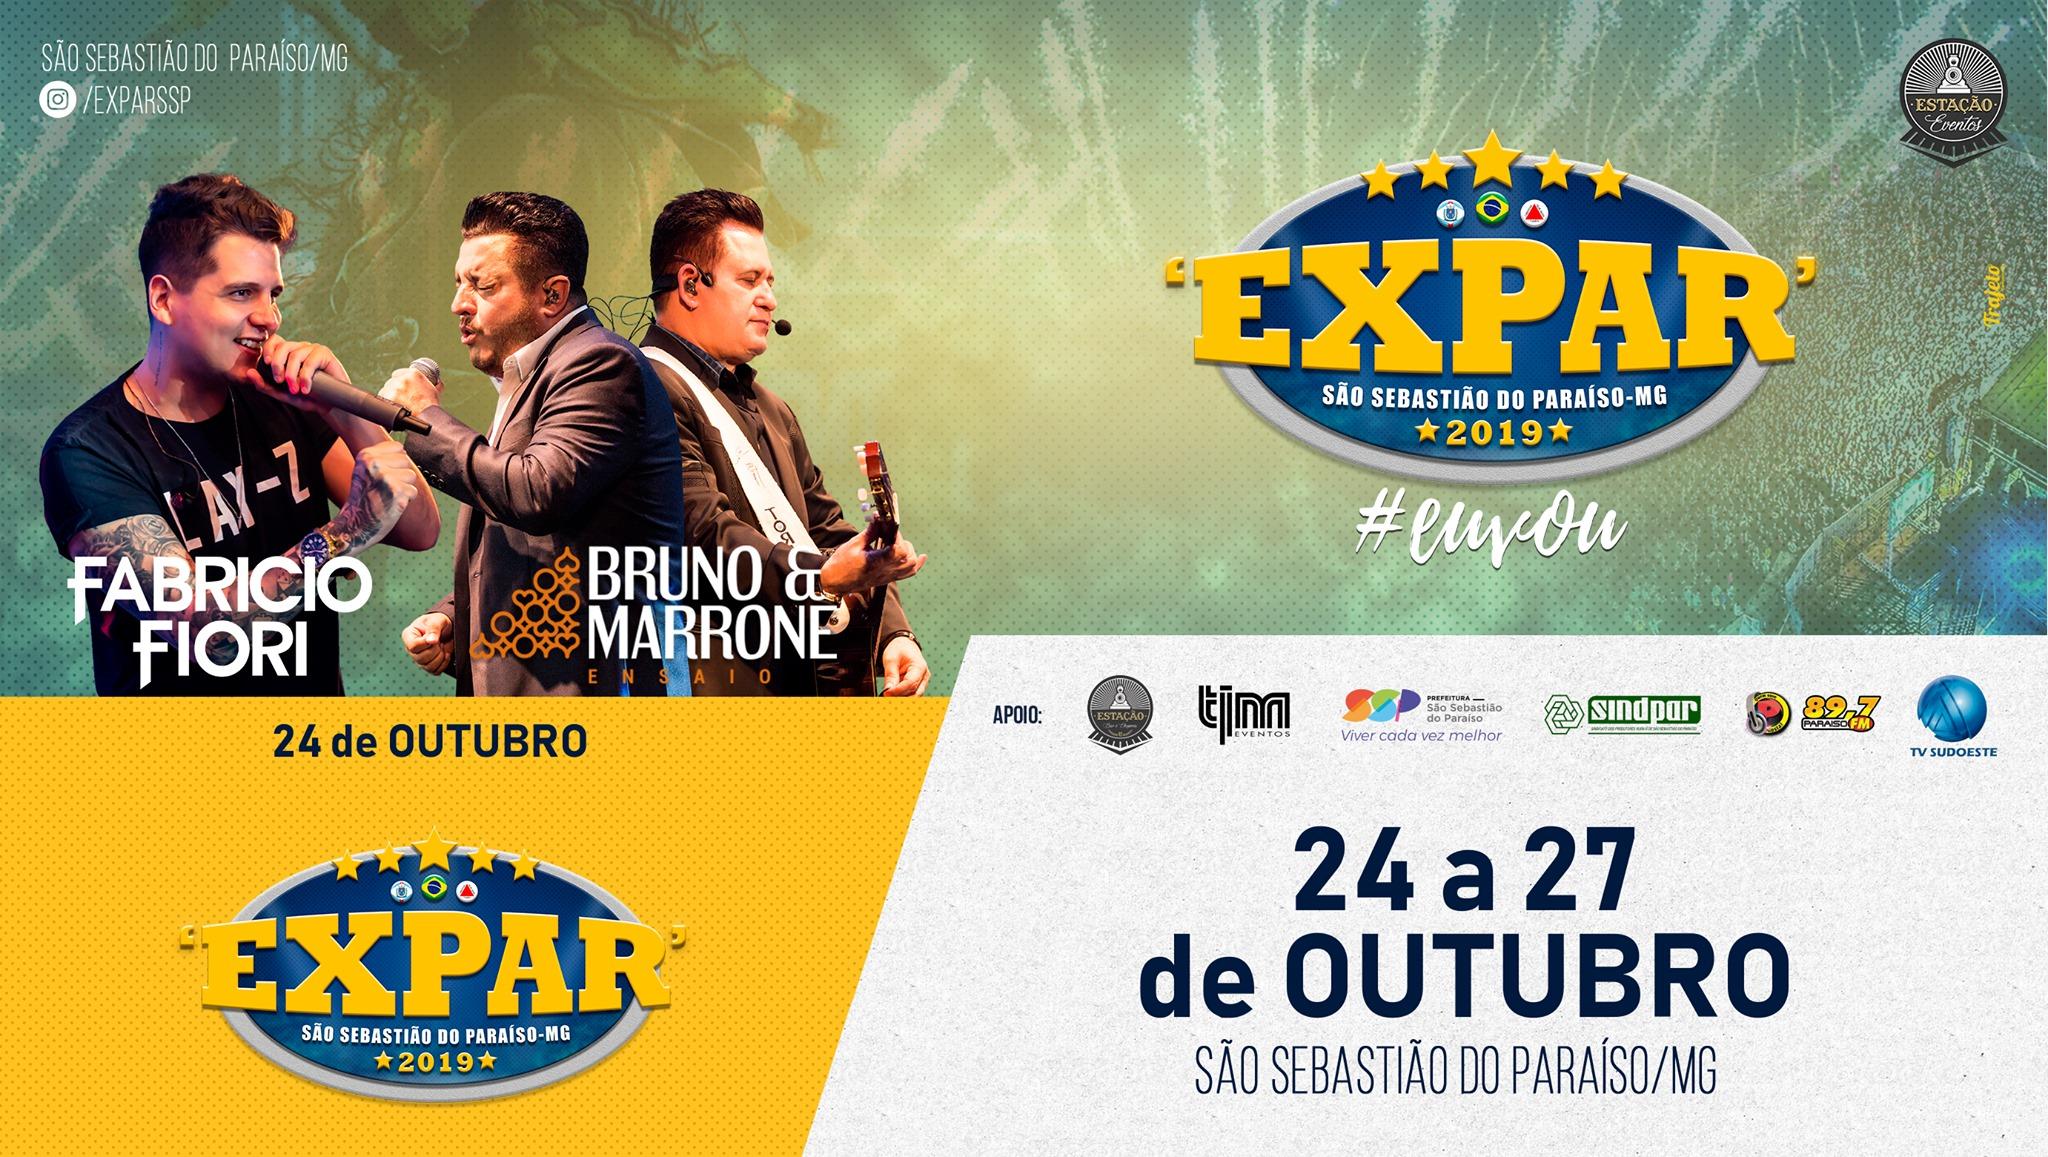 Expar 2019 - São Sebastião do Paraiso MG - 24/10 a 27/10 2019